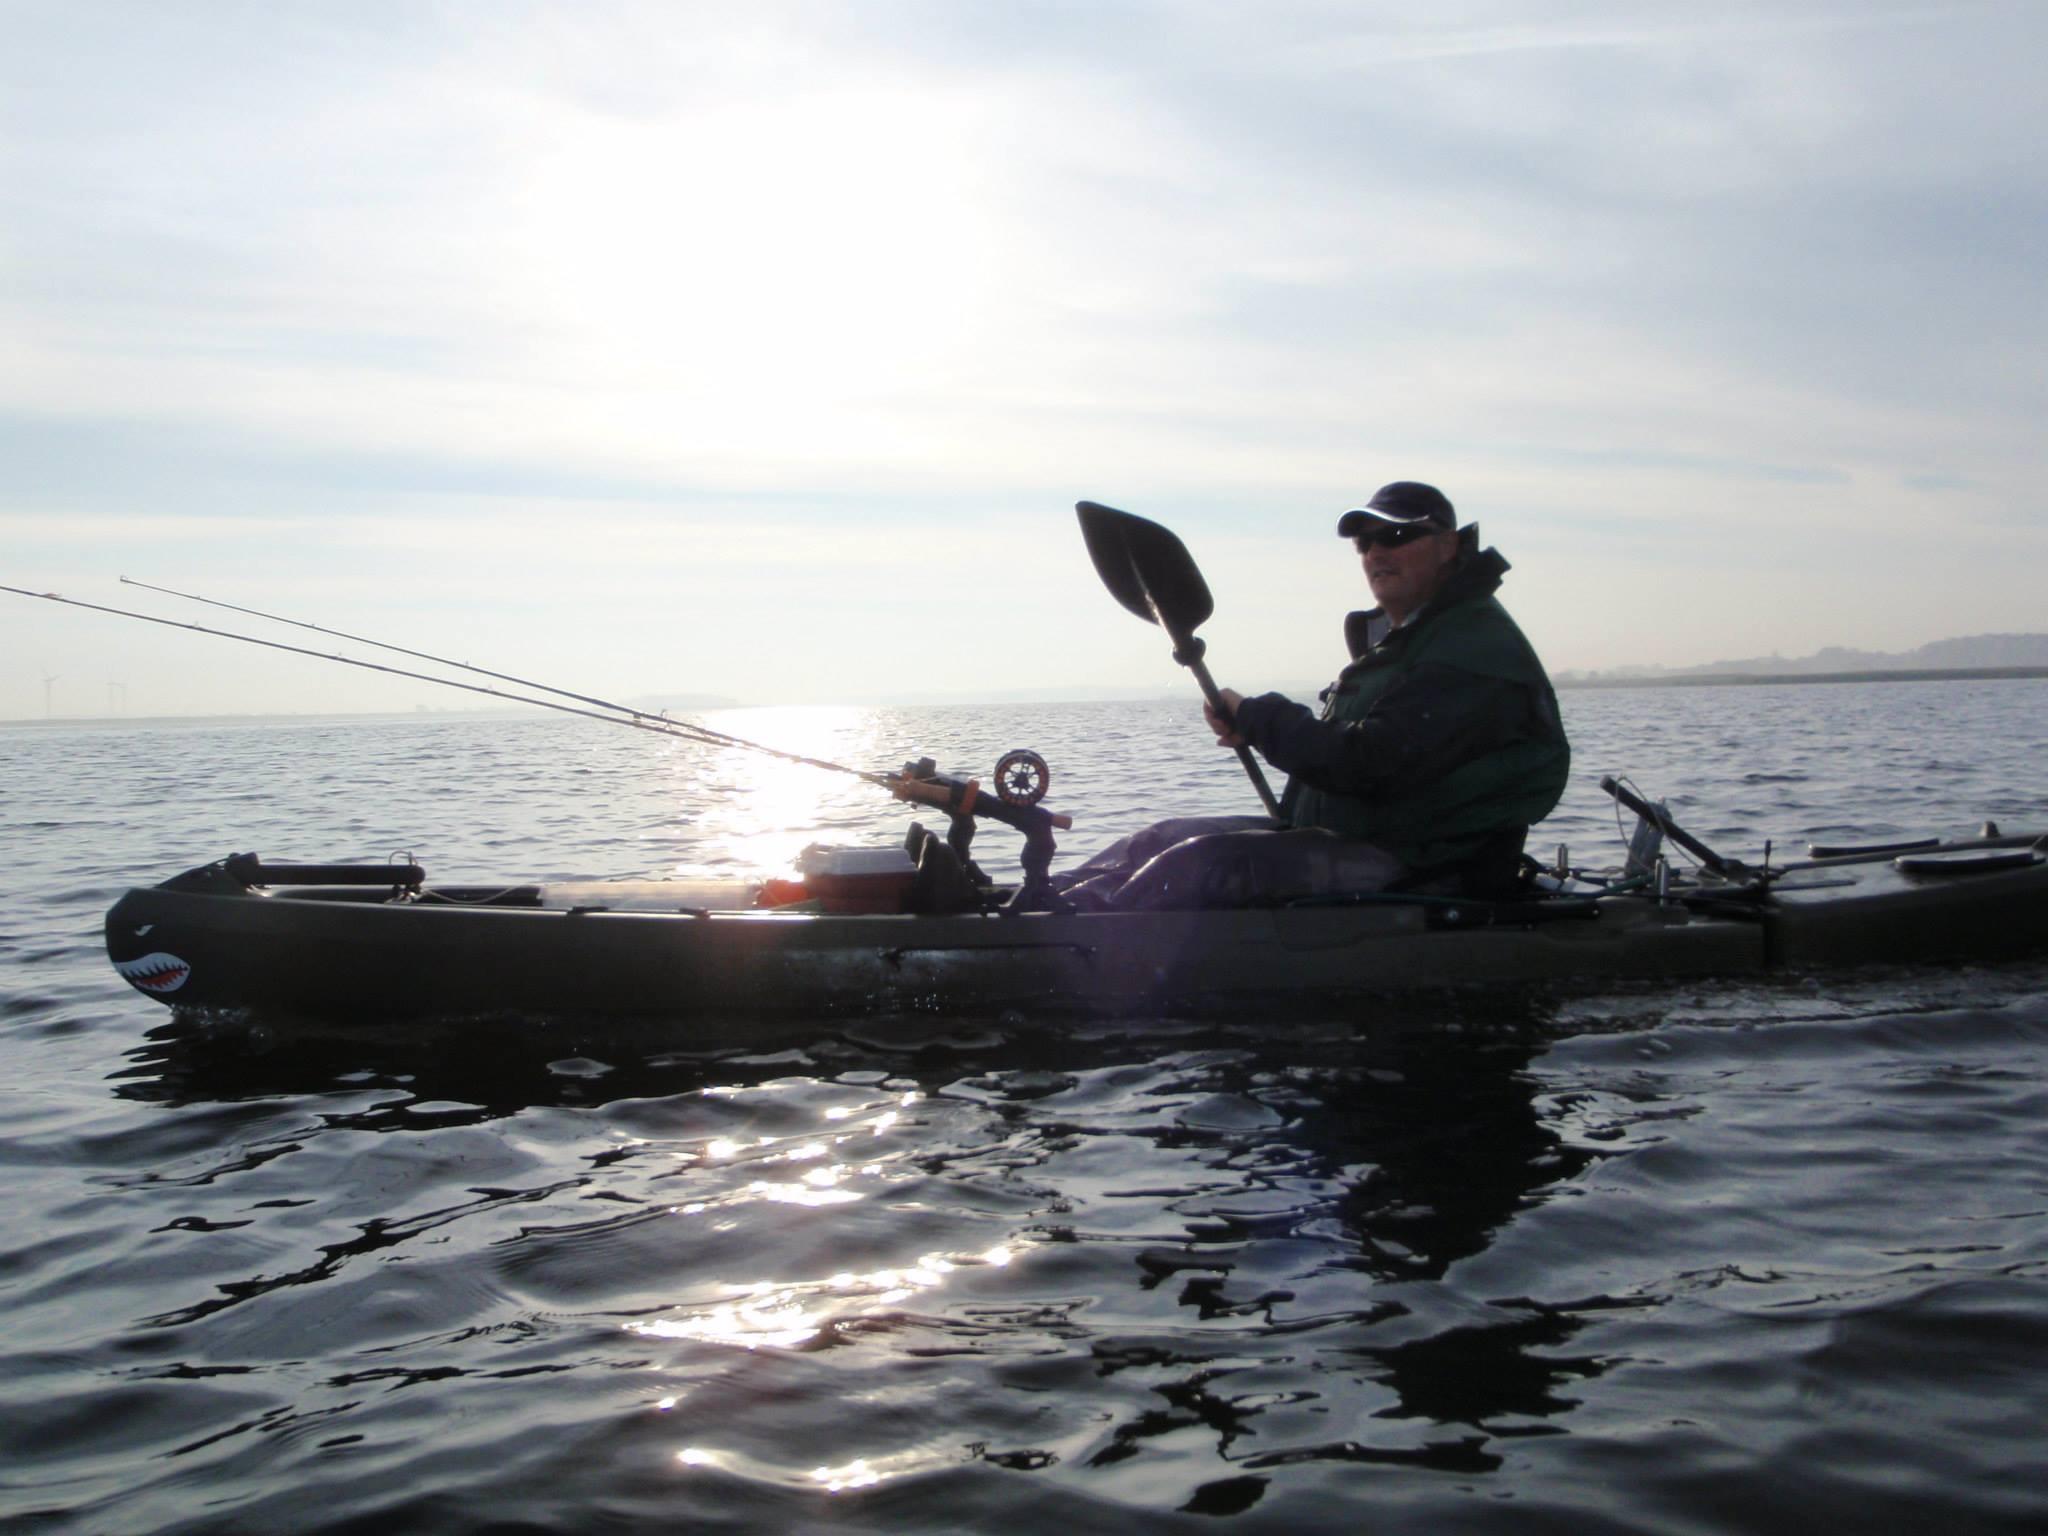 Ny med fiskekajak 22 06 2016 14:18:13